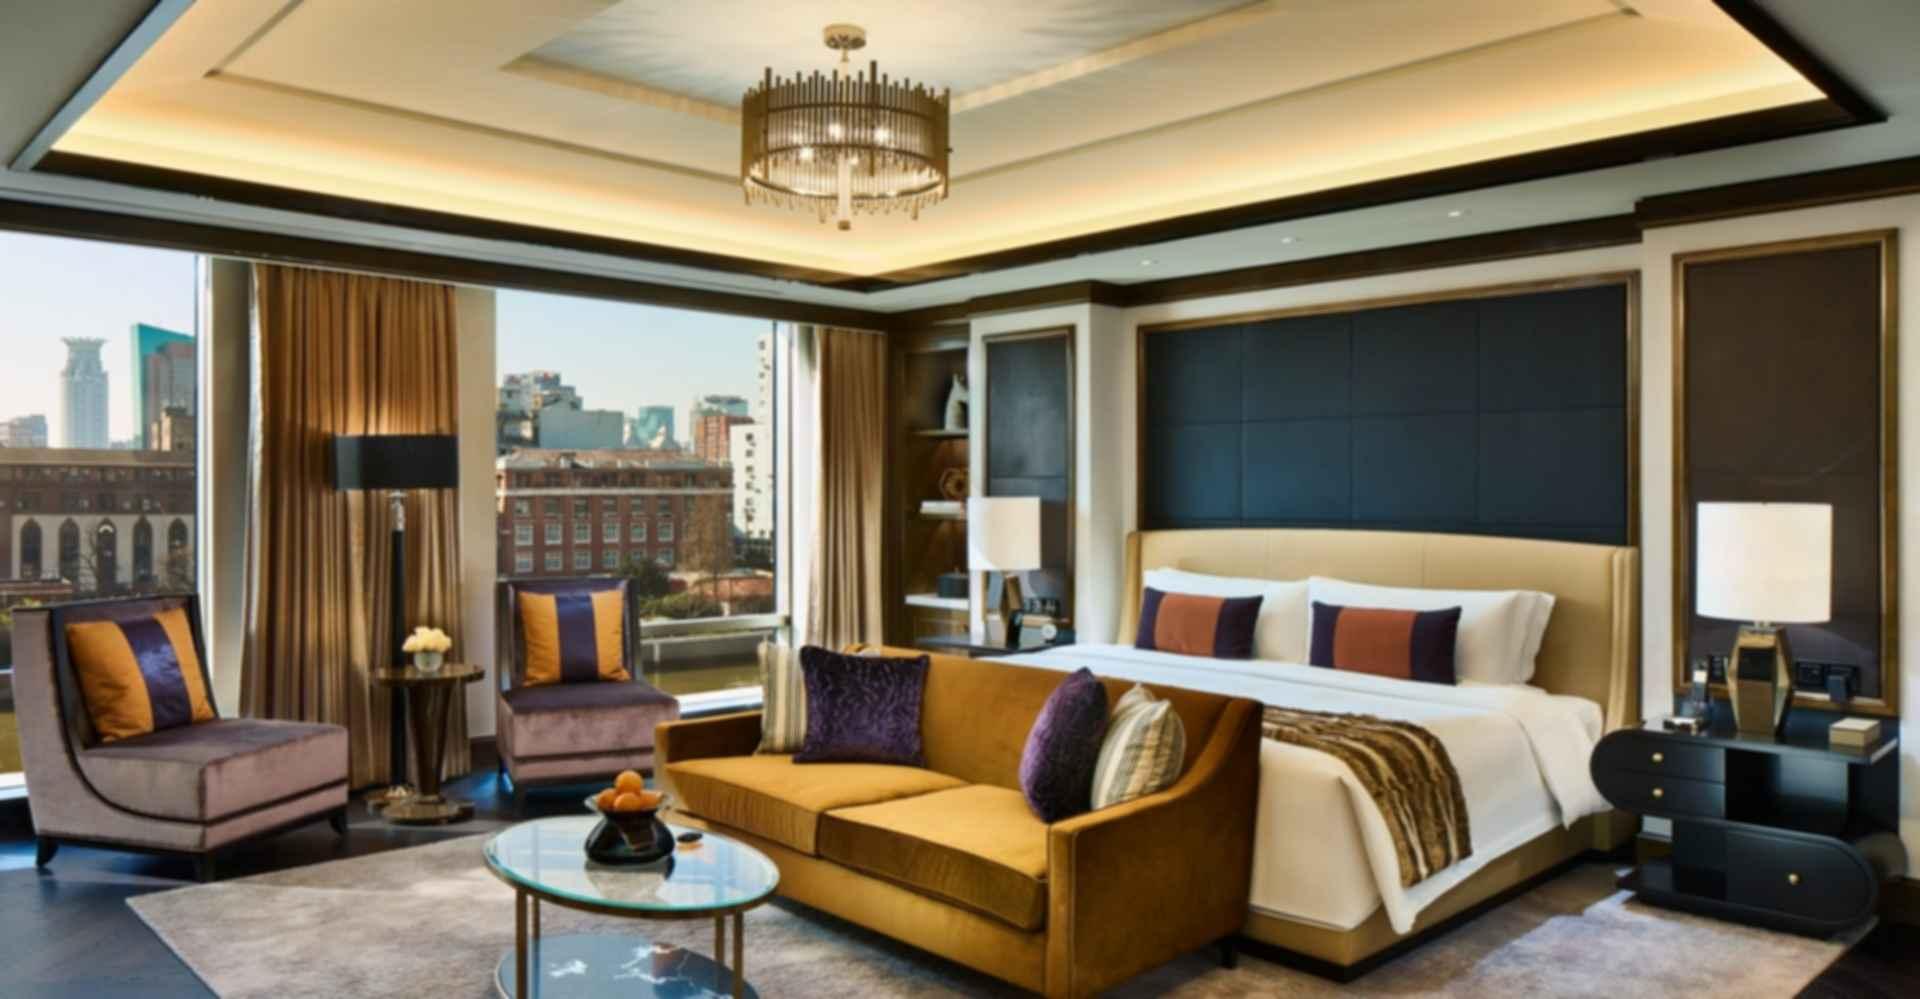 Bellagio Shanghai - Hotel Room Interior